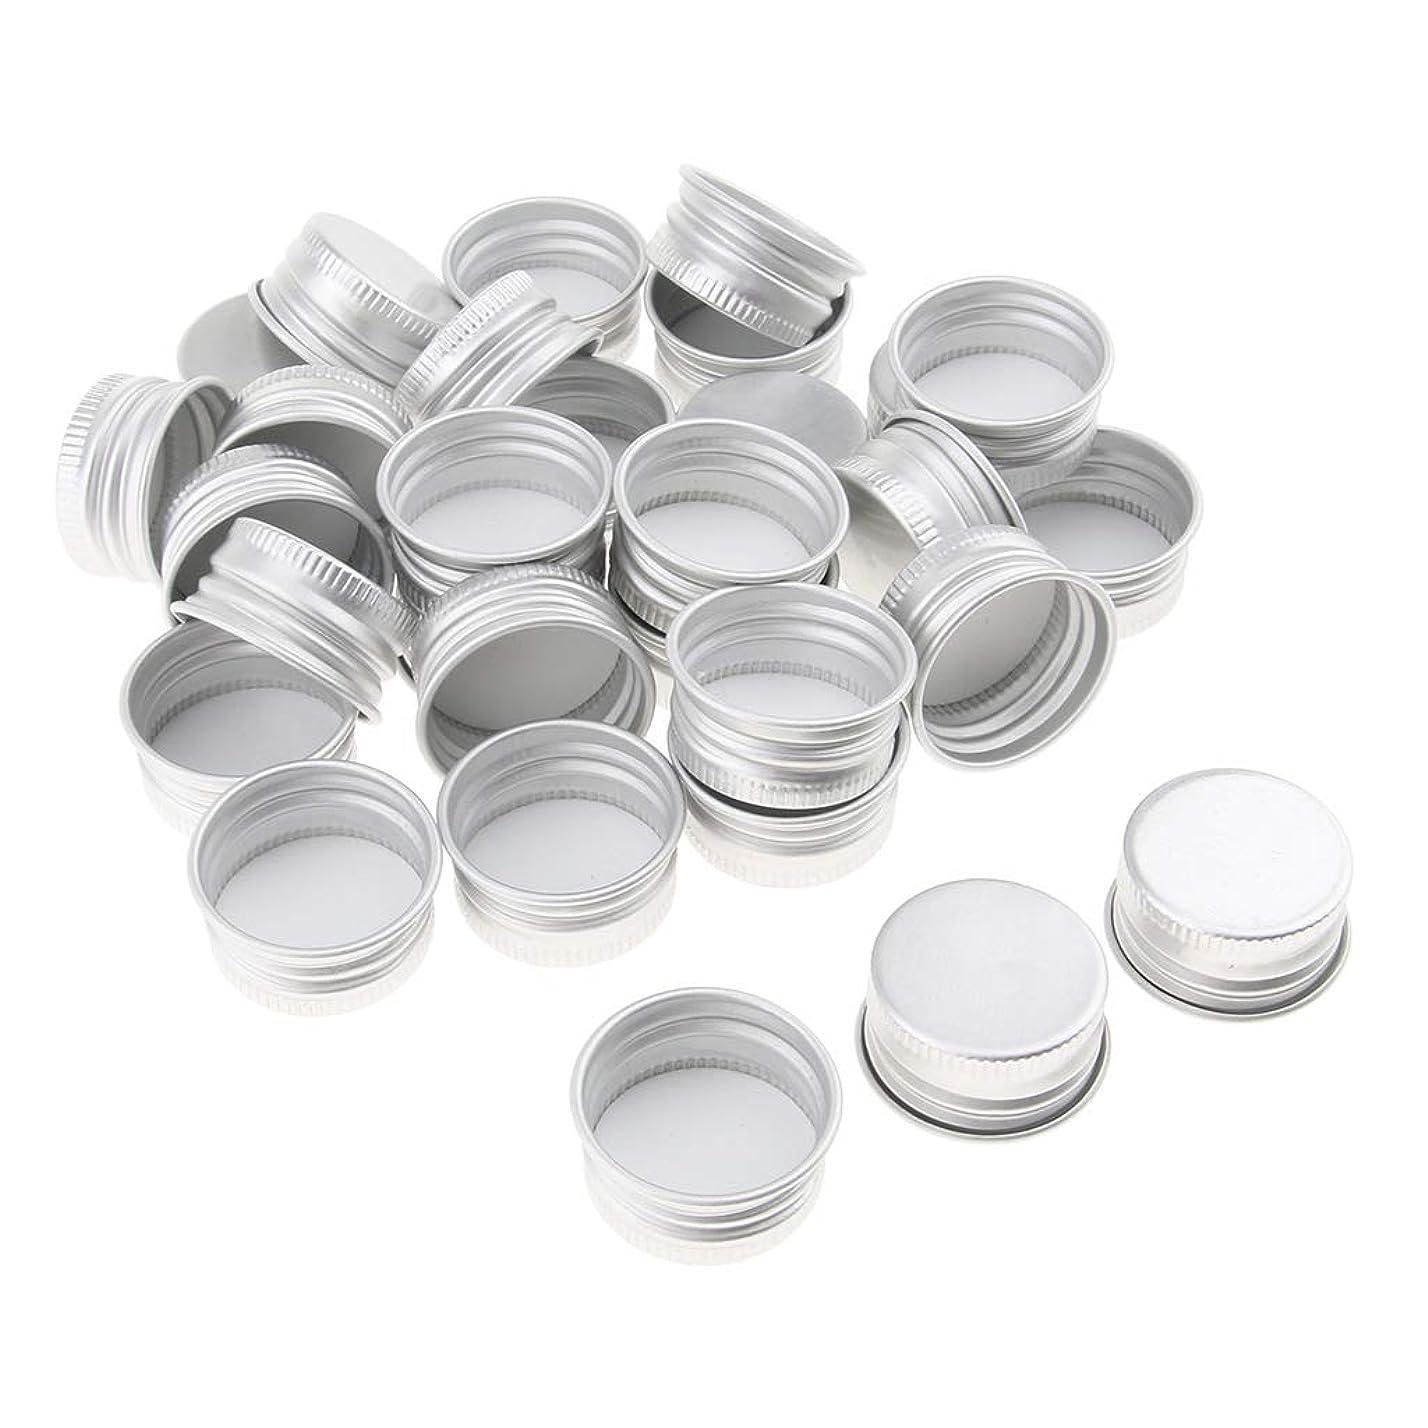 歩き回るバリケード連帯Perfeclan 約30個 アルミ 化粧品容器 メイクアップボトル 収納ケース 4サイズ選べ - 24口径